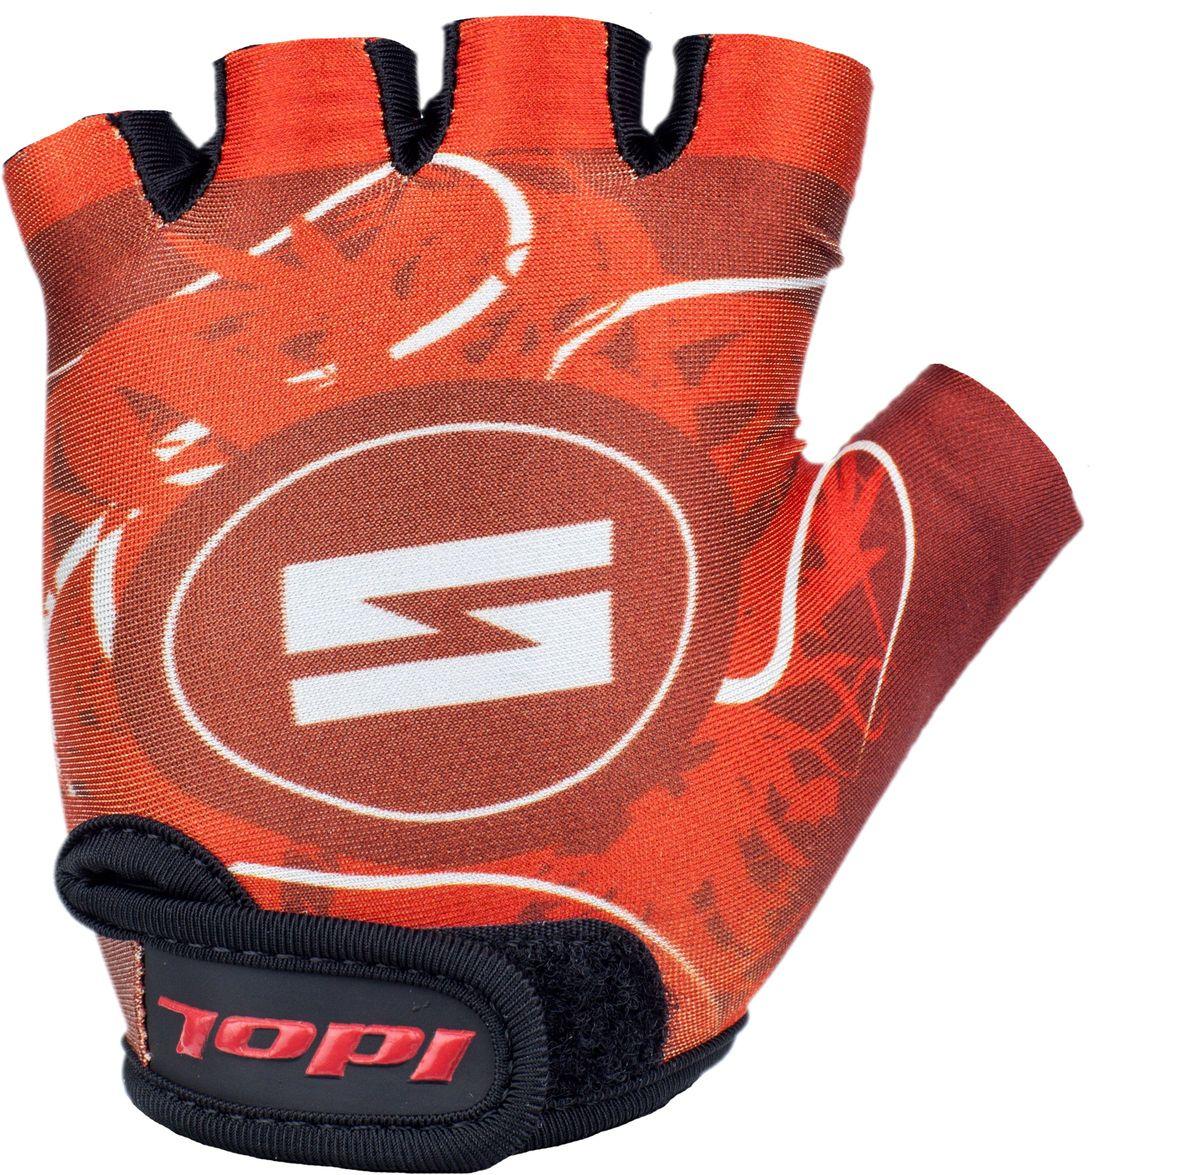 Перчатки велосипедные для мальчика Idol Guron, цвет: красный. Размер 8-13 лет